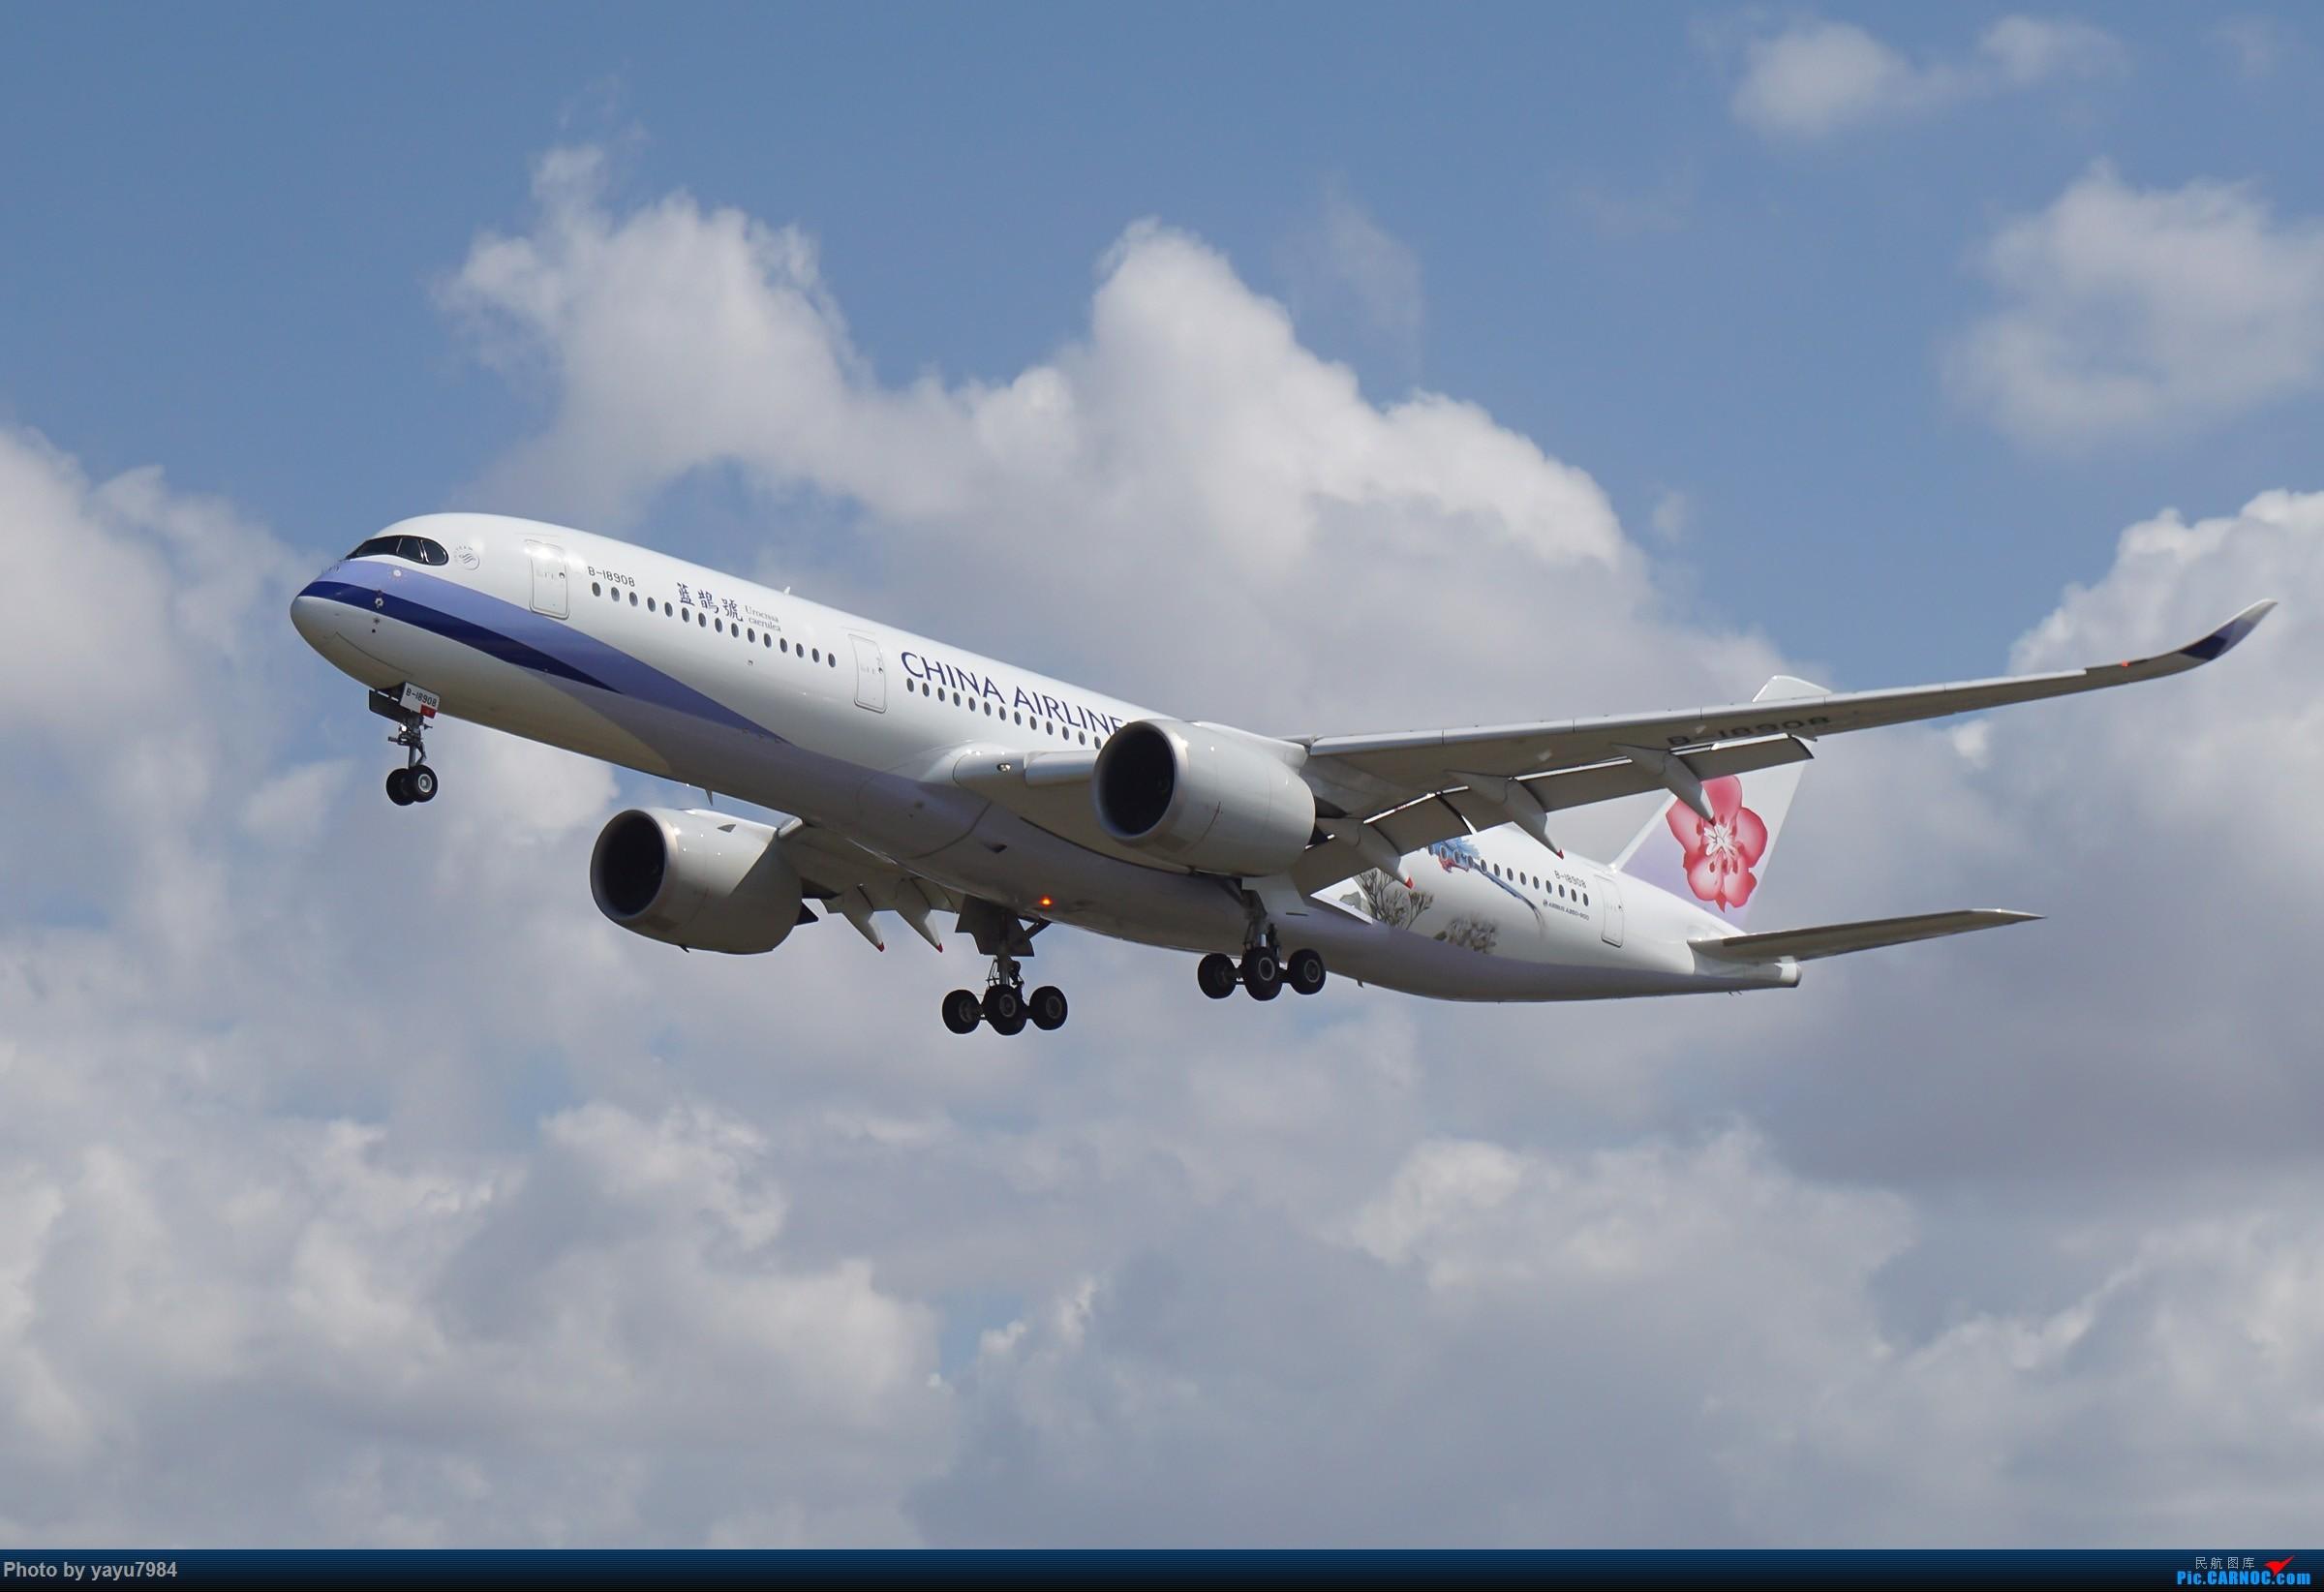 Re:[SYD] 东航天合332,雪绒花343,华航蓝鹊,以及其他日常货 AIRBUS A350-900 B-18908 澳大利亚悉尼金斯福德·史密斯机场